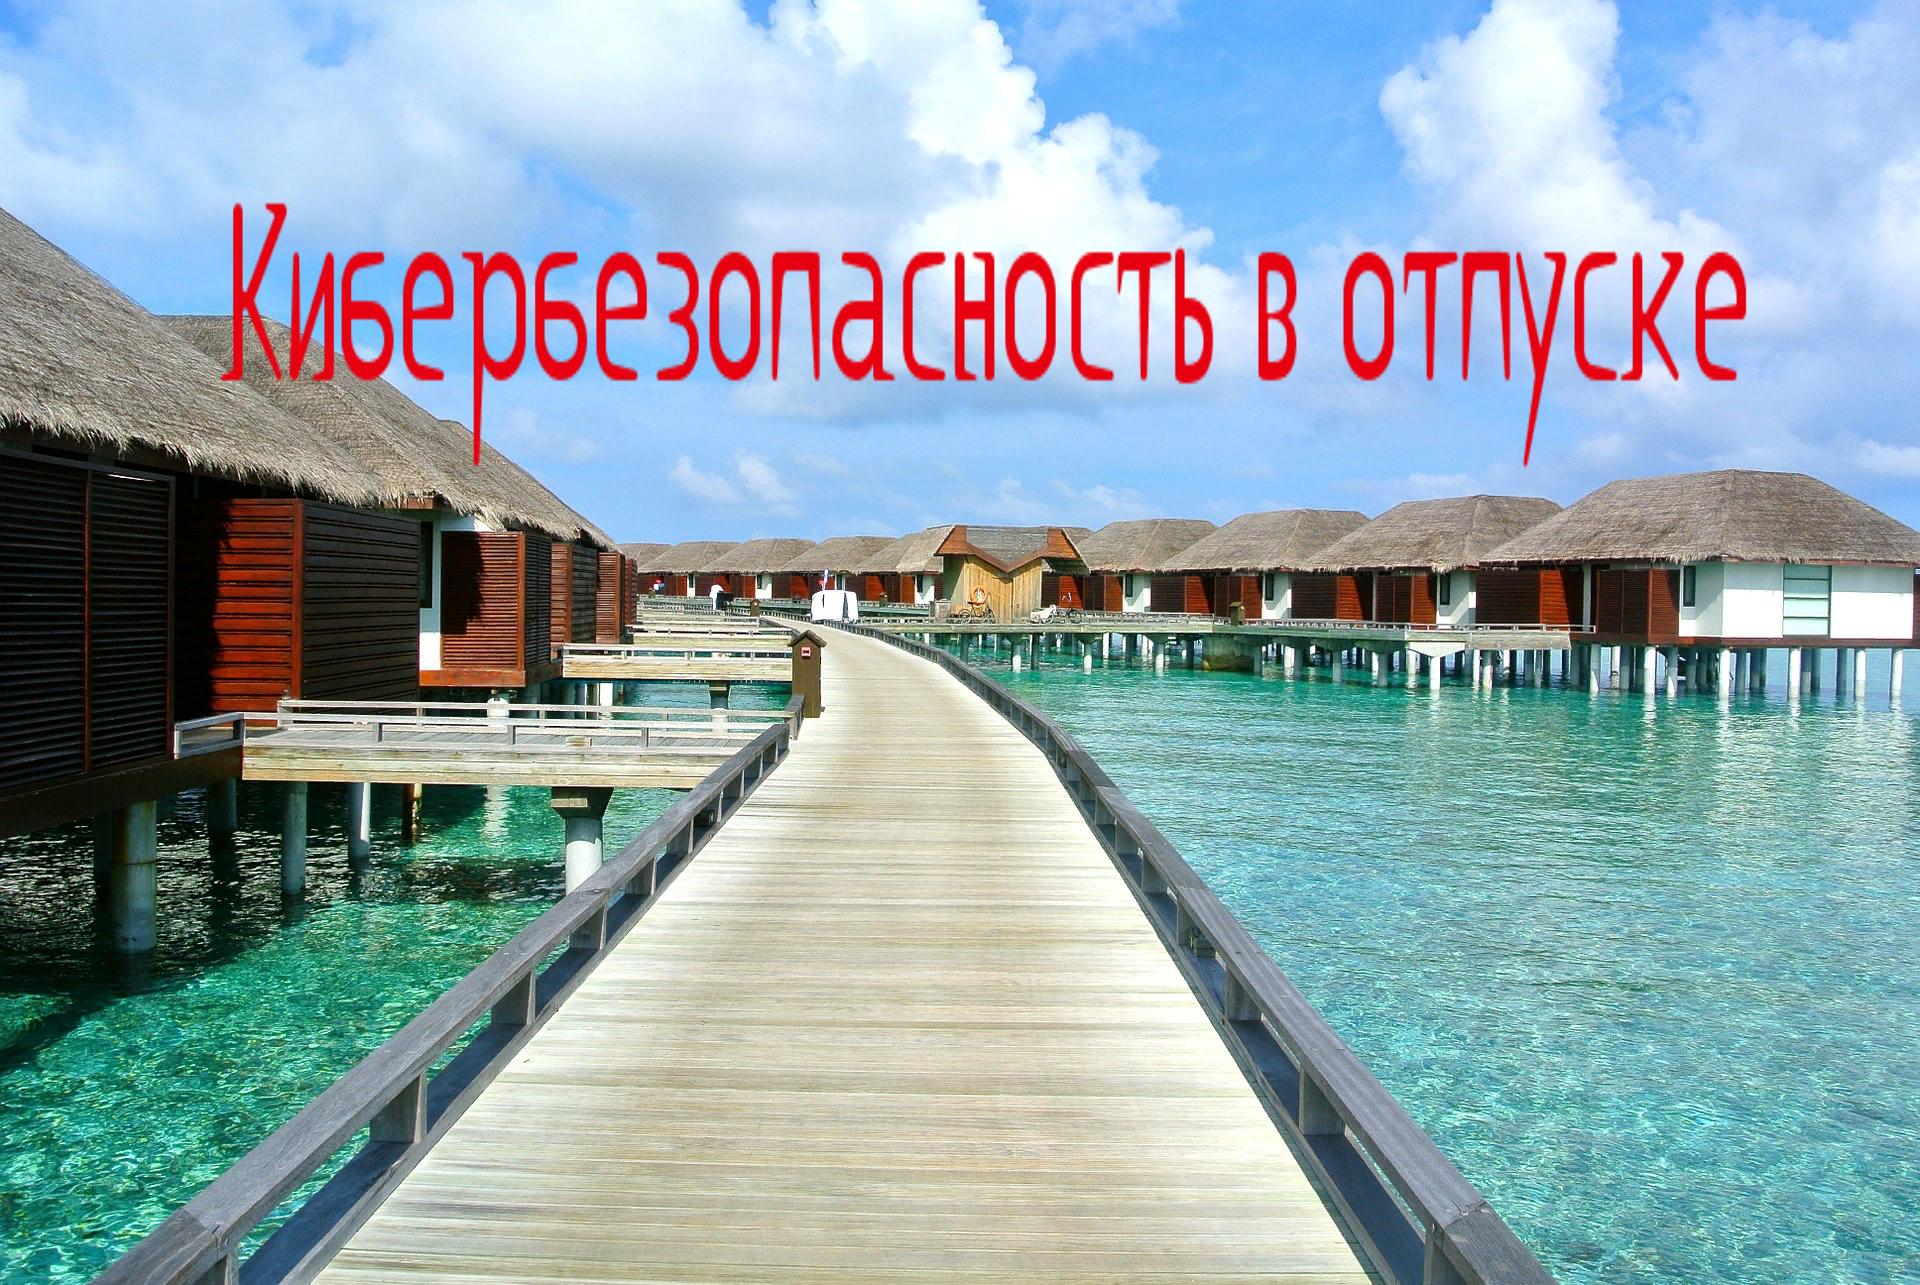 ✈️ Советы по кибербезопасности во время отпуска, которые помогут вам оставаться в безопасности во время отдыха